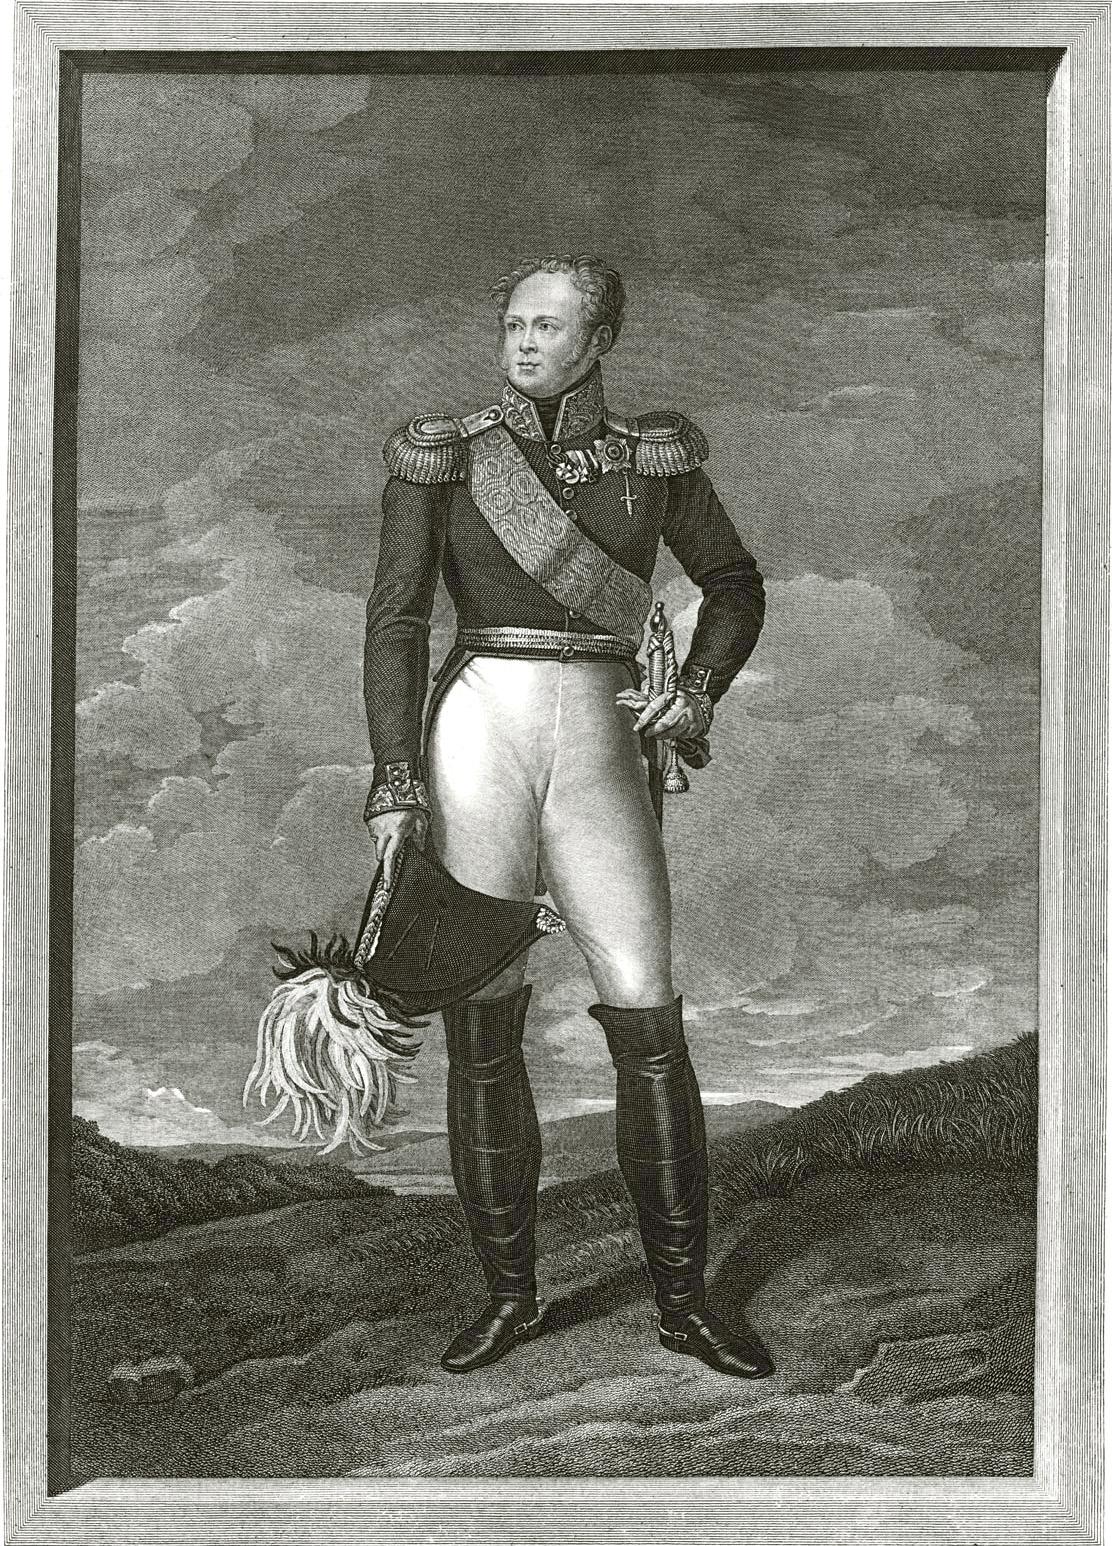 117. Портрет Александра I в рост, писанный с него в Париже в 1815 г.